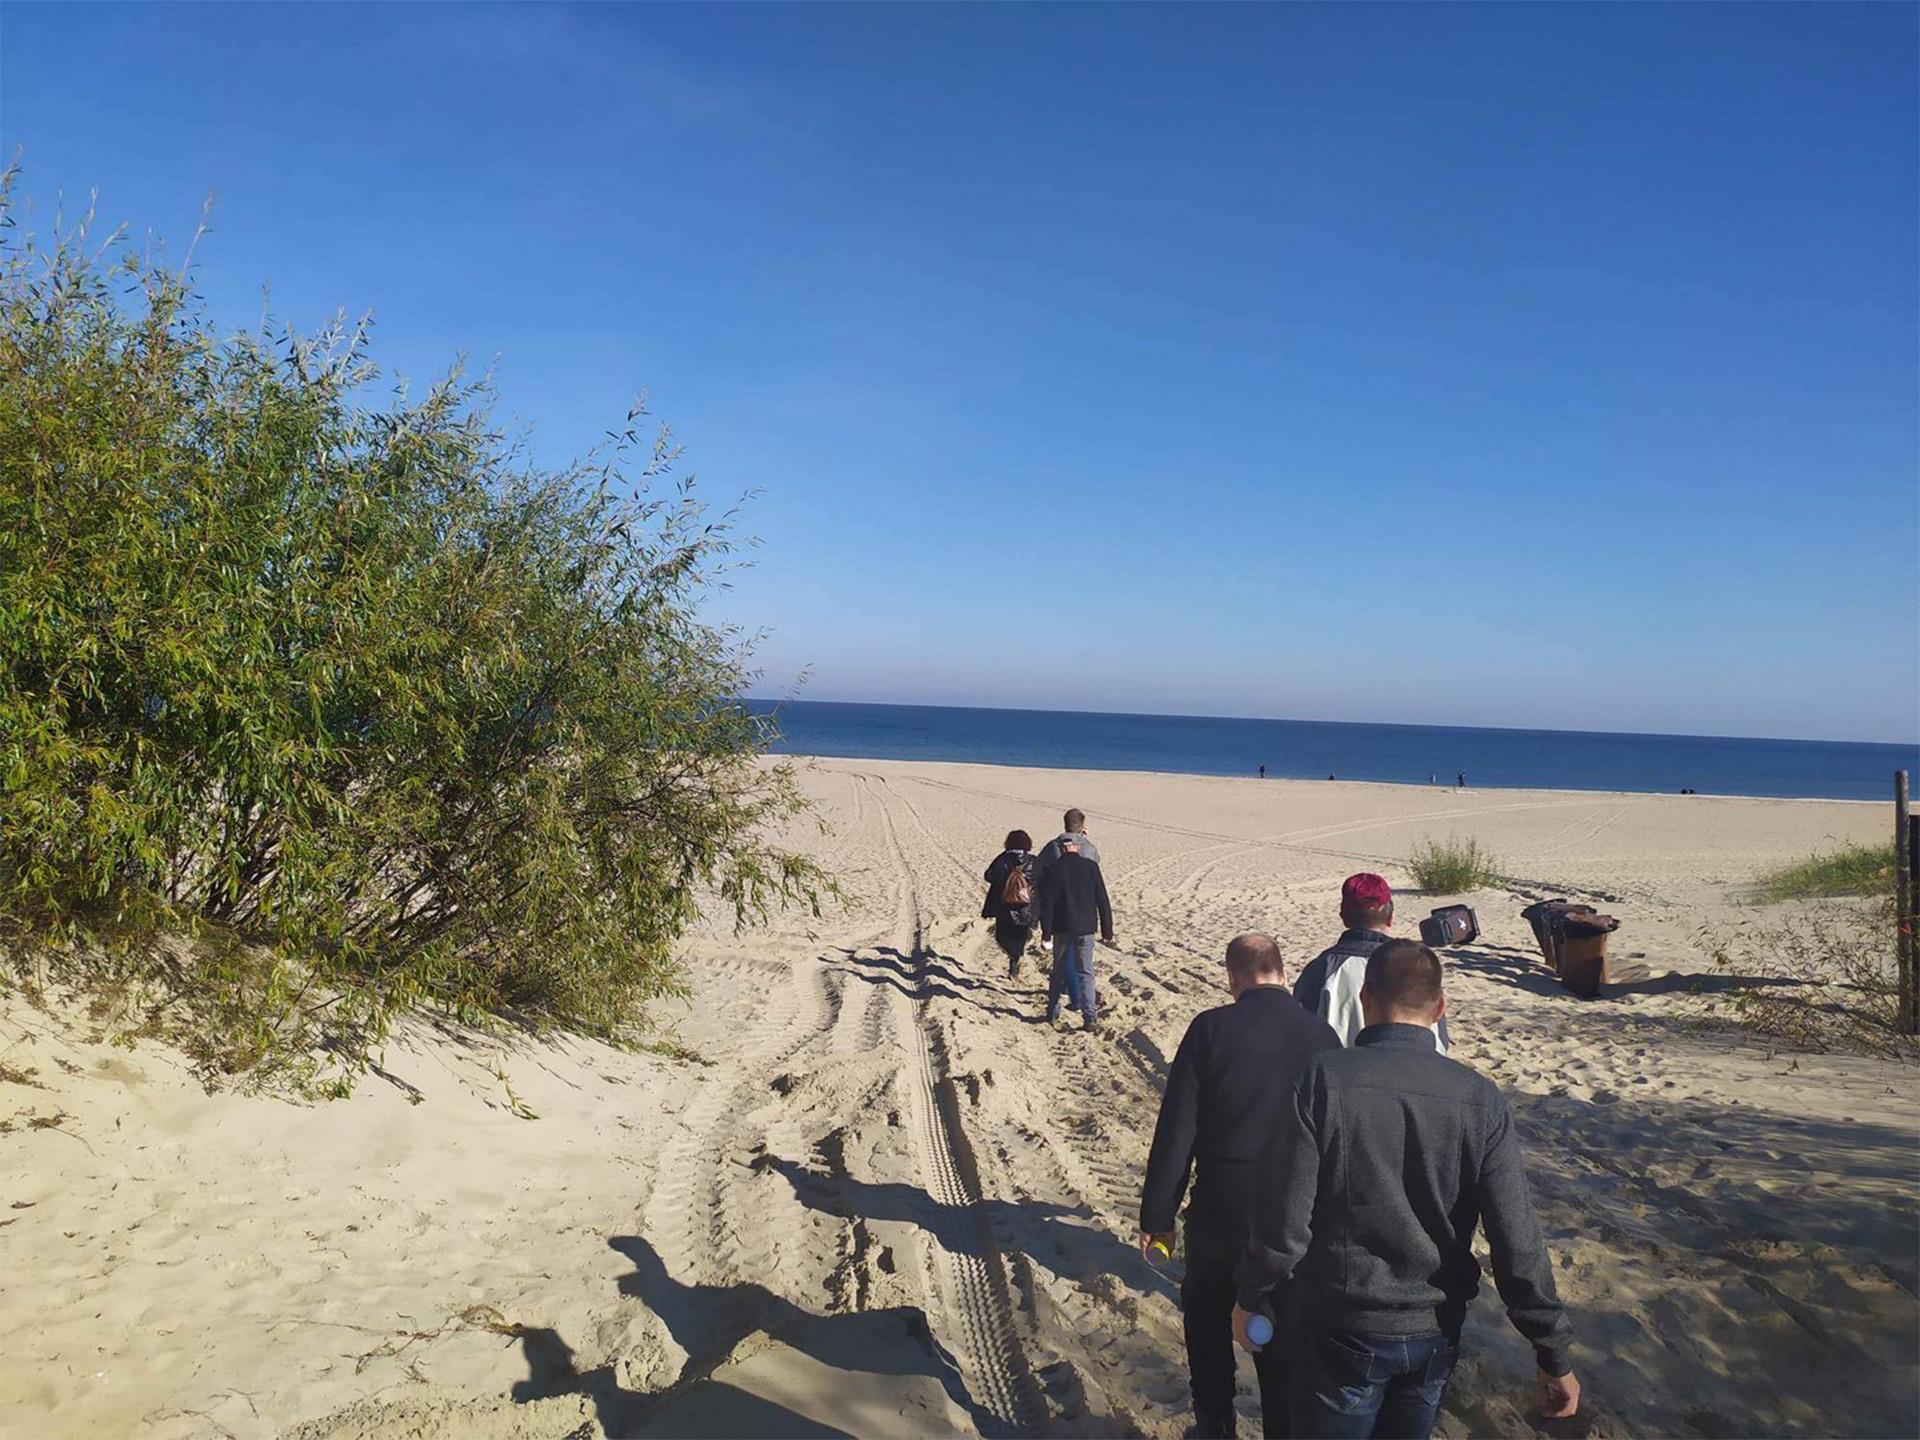 Mieszkańcy wchodzą na plażę, idą po złotym piasku przed nimi bezchmurne niebieskie niebo oraz morze